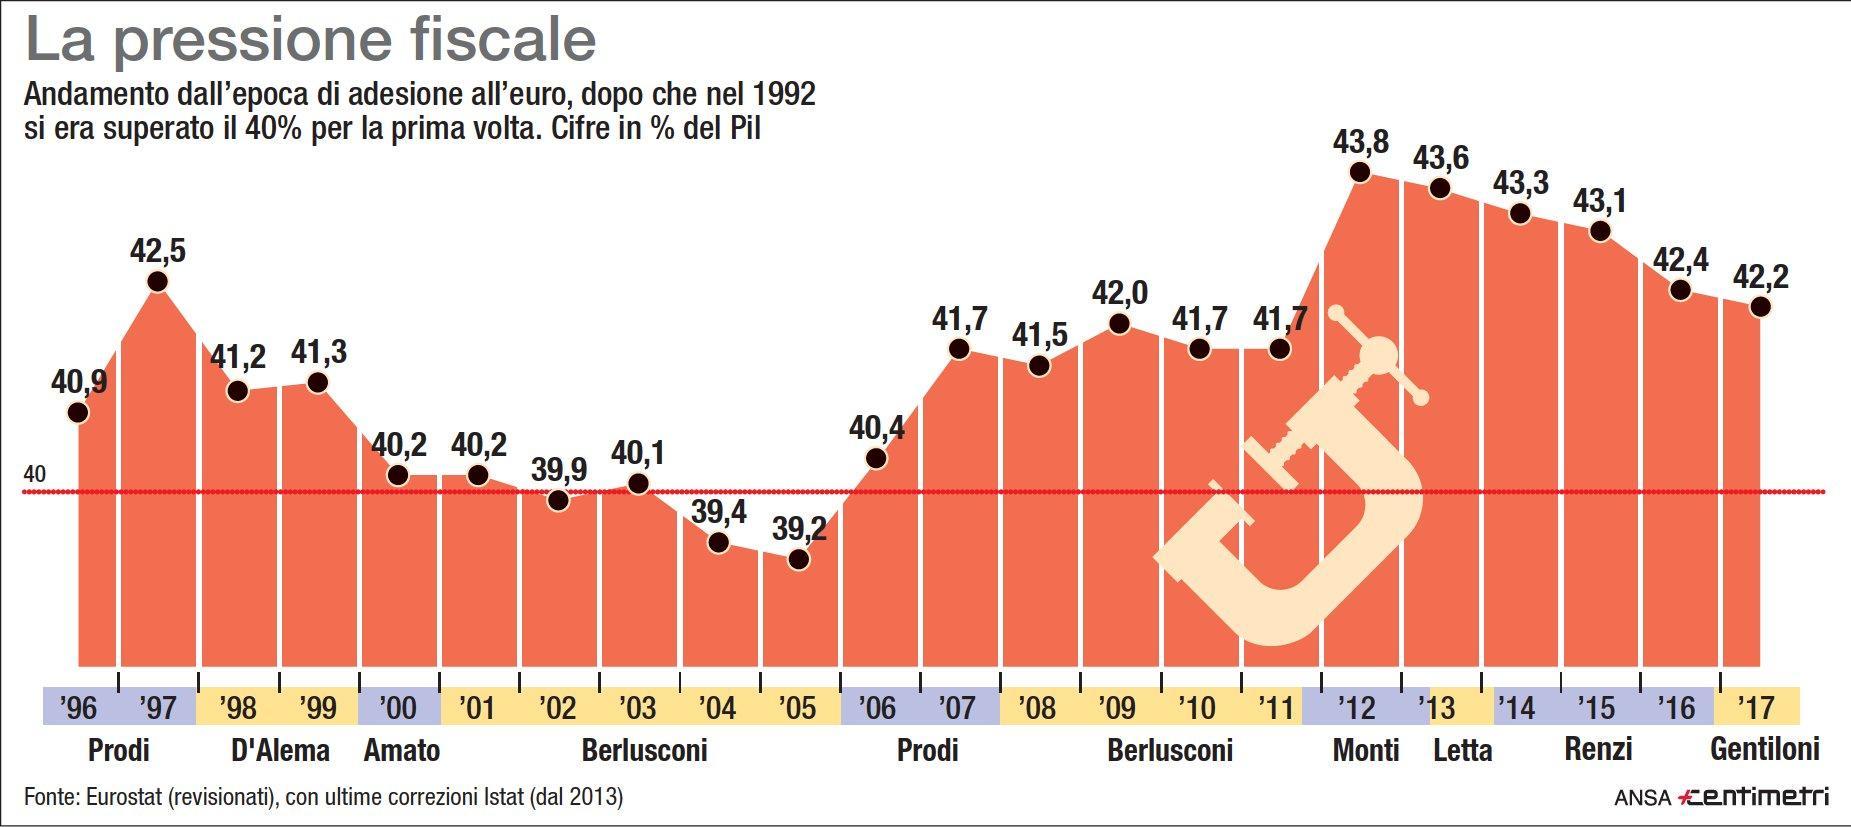 Manovra, la pressione fiscale in Italia